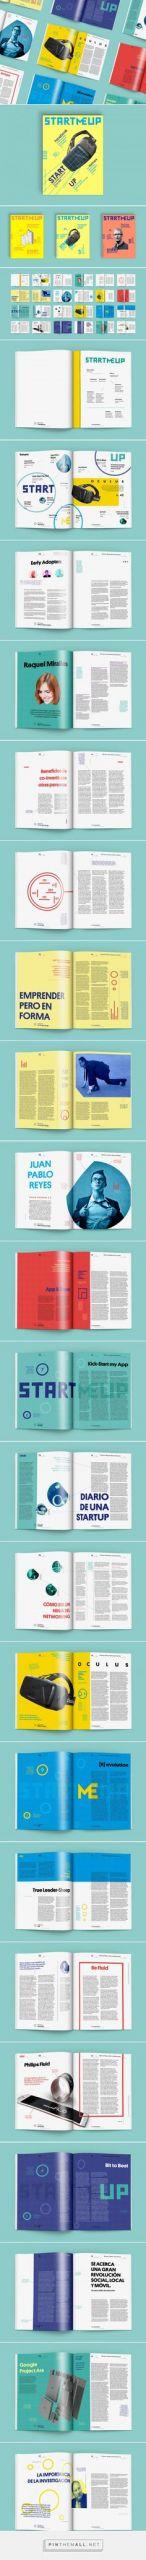 bc93e6a92e ba31e1fca7 design editorial editorial layout